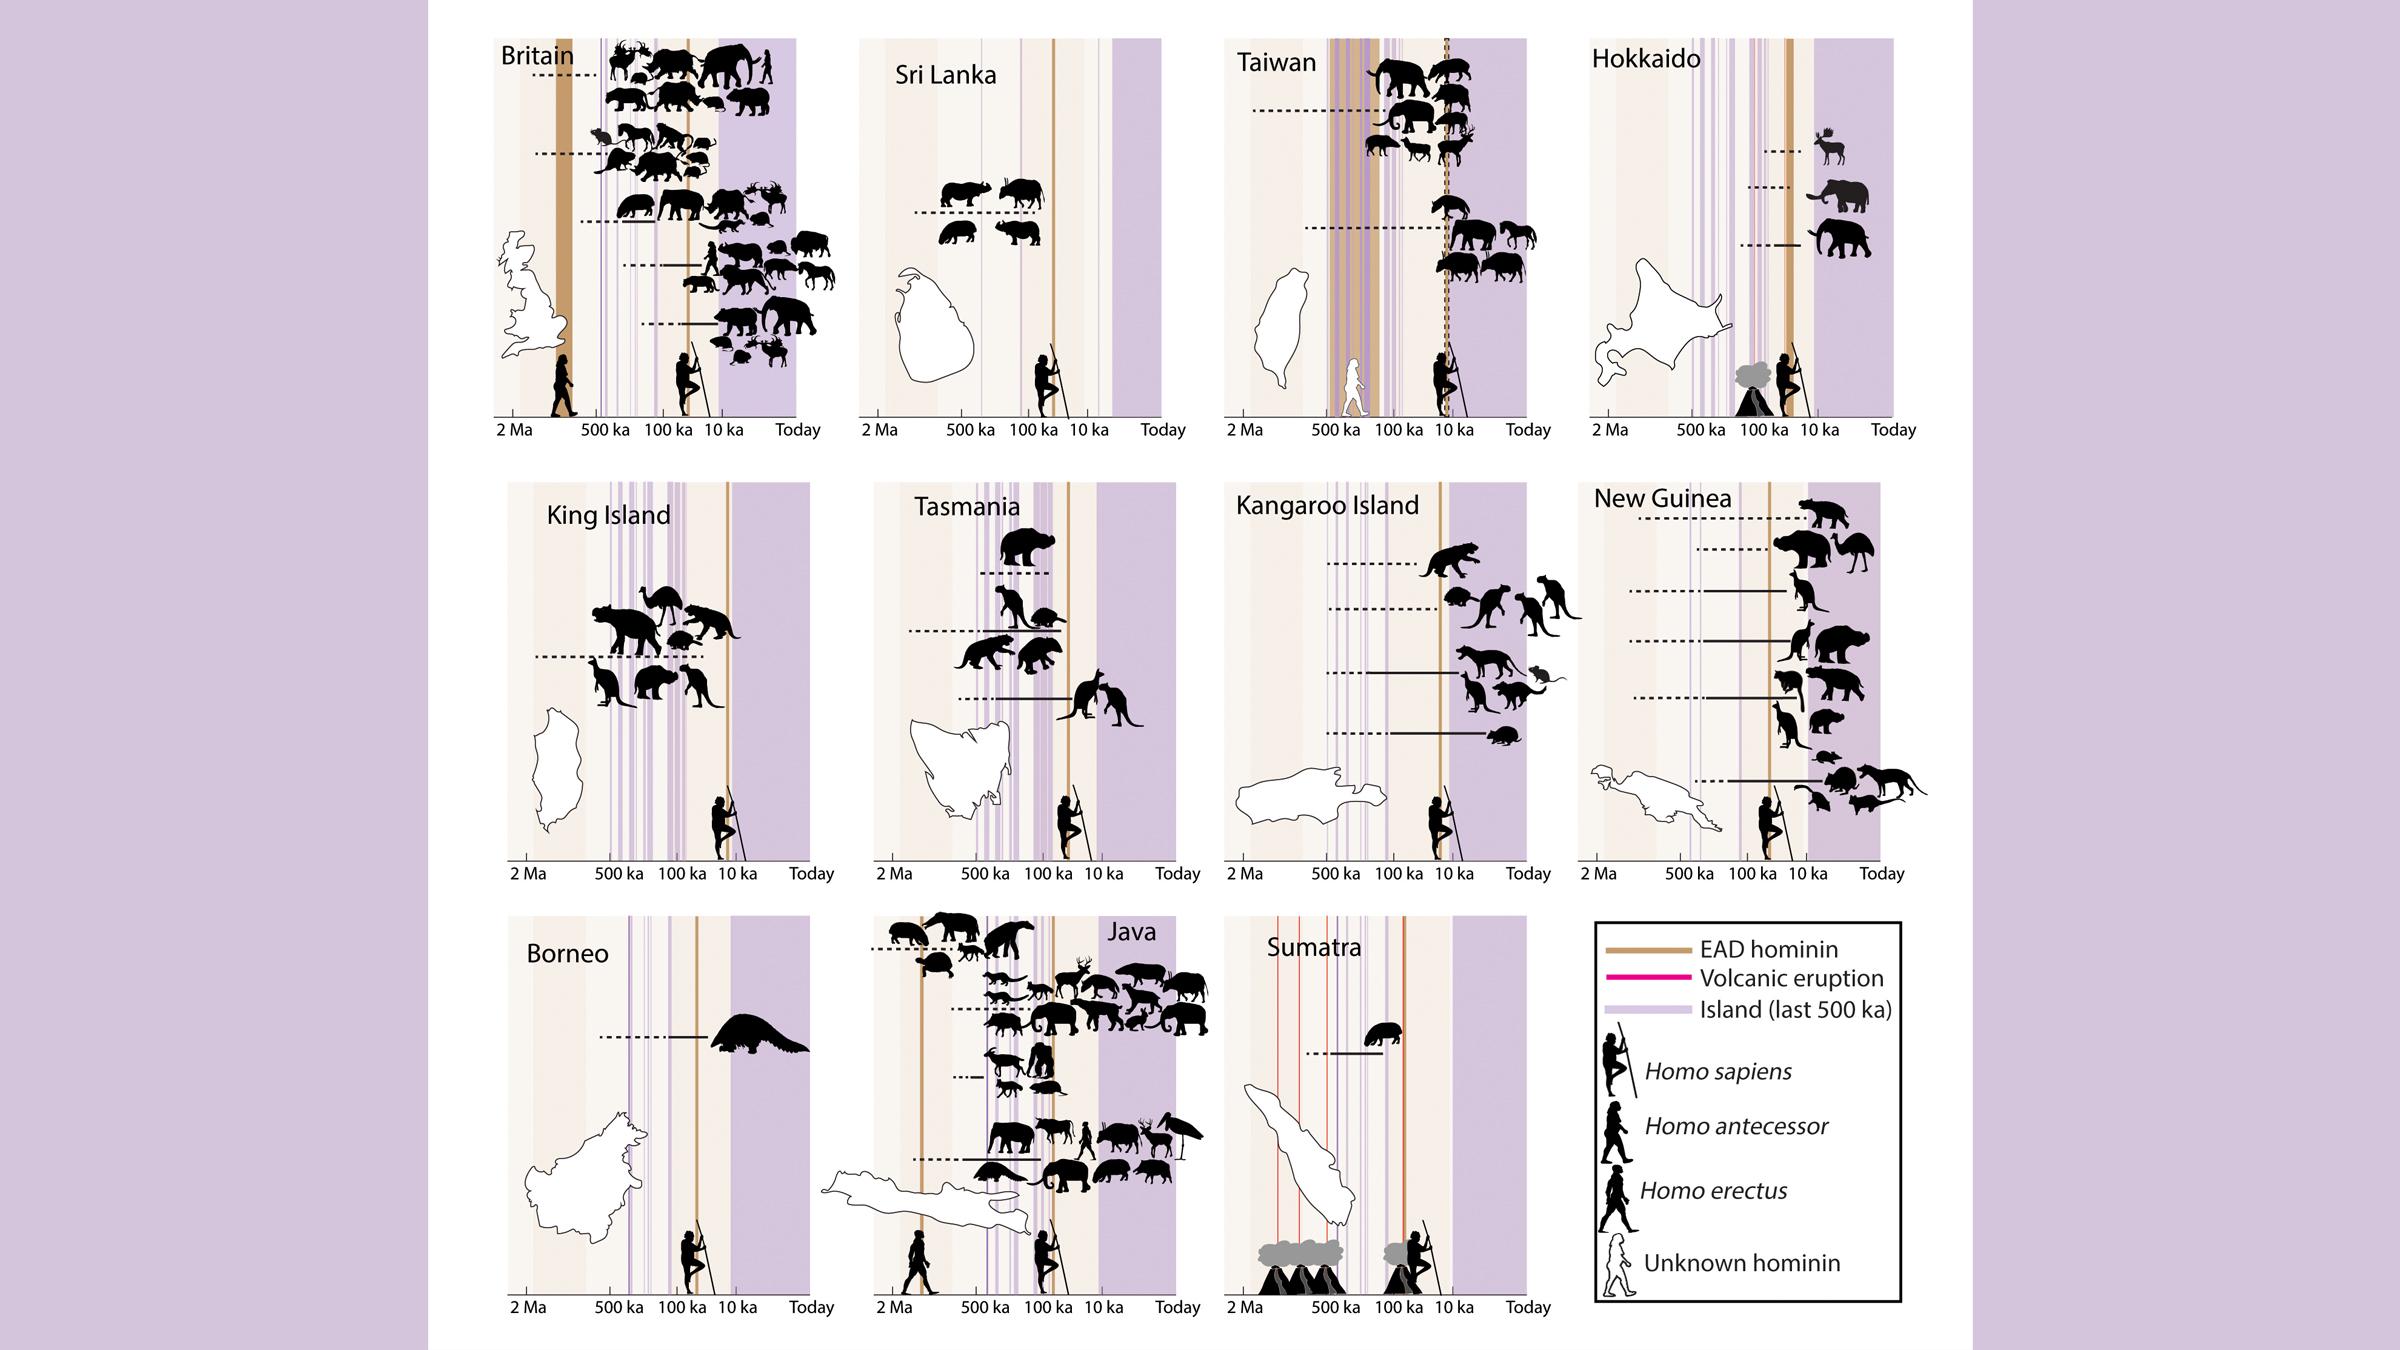 Une chronologie d'extinction montrant le moment où les animaux ont disparu par rapport à l'arrivée des hominins et des Homo sapiens sur les îles continentales.  Les barres verticales violettes indiquent quand ces masses continentales étaient des îles.  Les dates de la dernière apparition (DAL) des animaux disparus sont indiquées en lignes horizontales, avec des lignes pointillées marquant l'incertitude.  EAD, première date d'apparition.